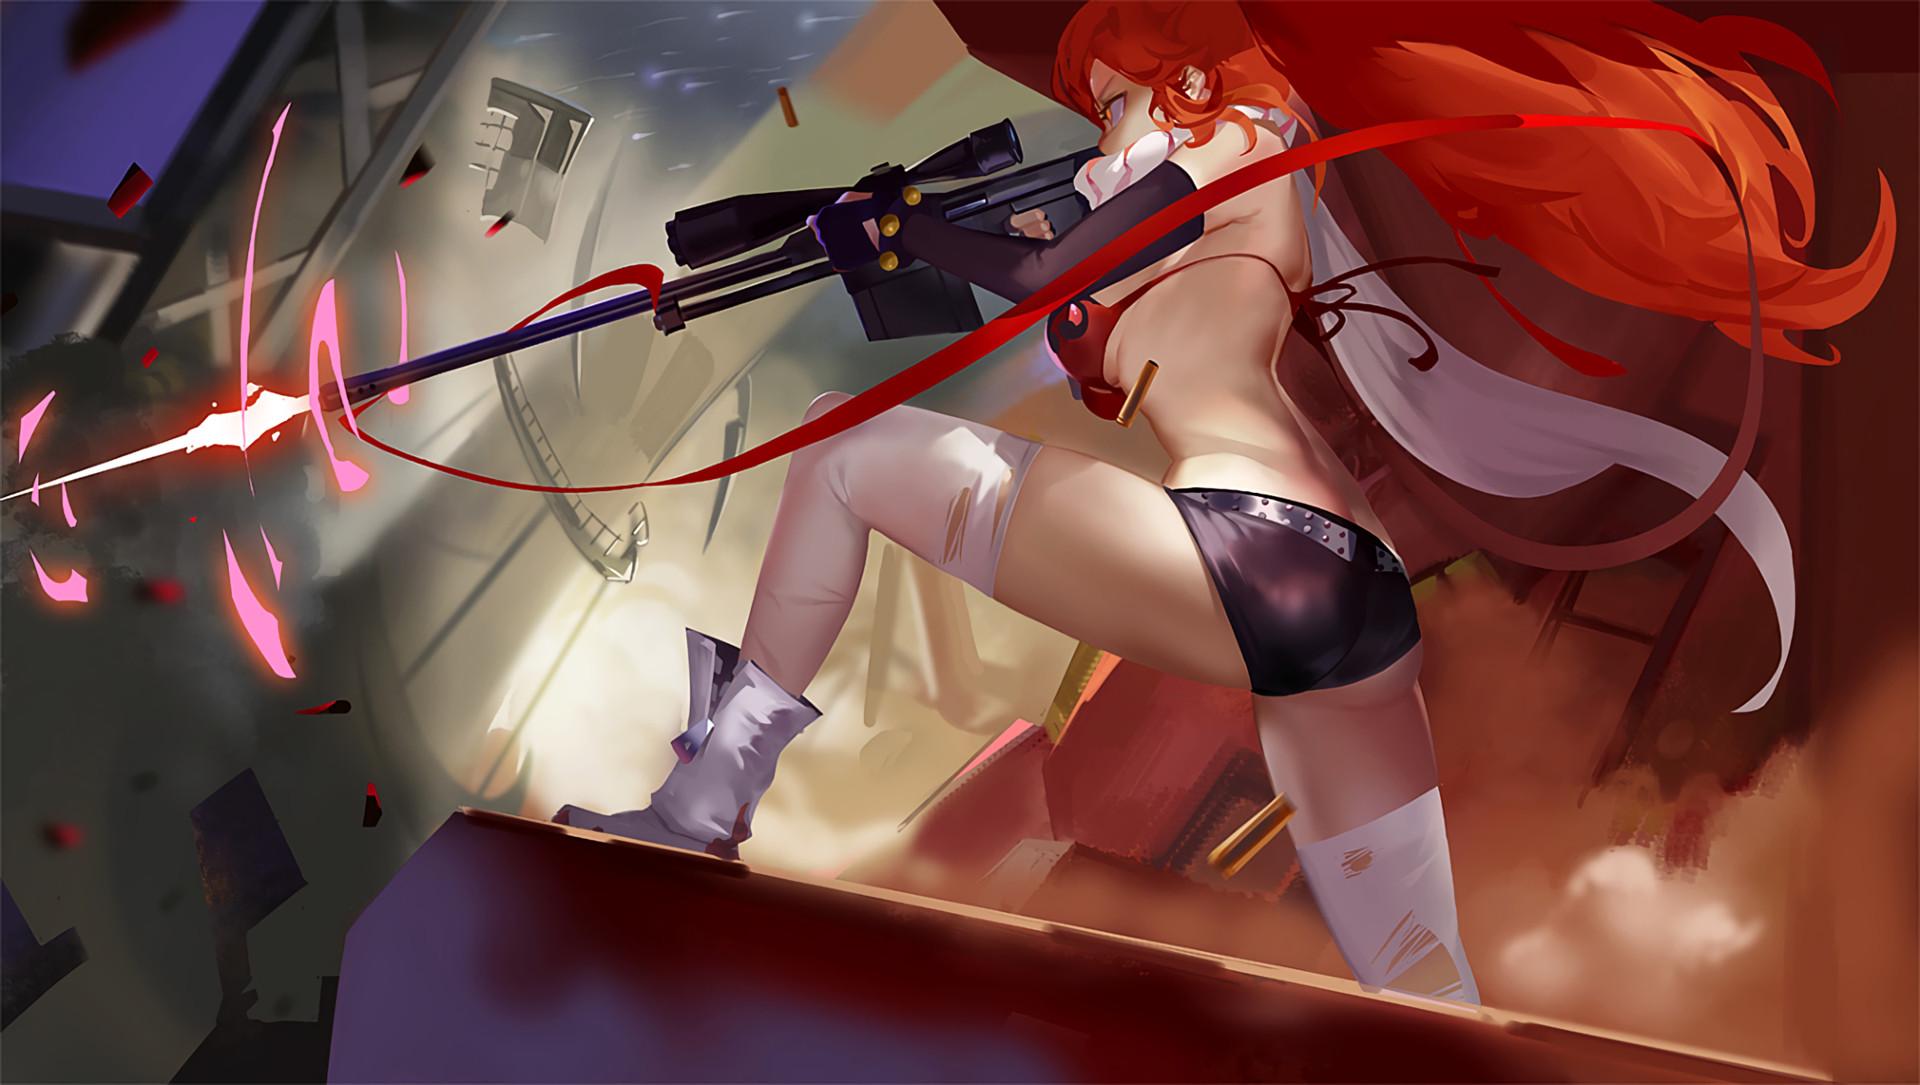 Anime – Tengen Toppa Gurren Lagann Yoko Littner Wallpaper